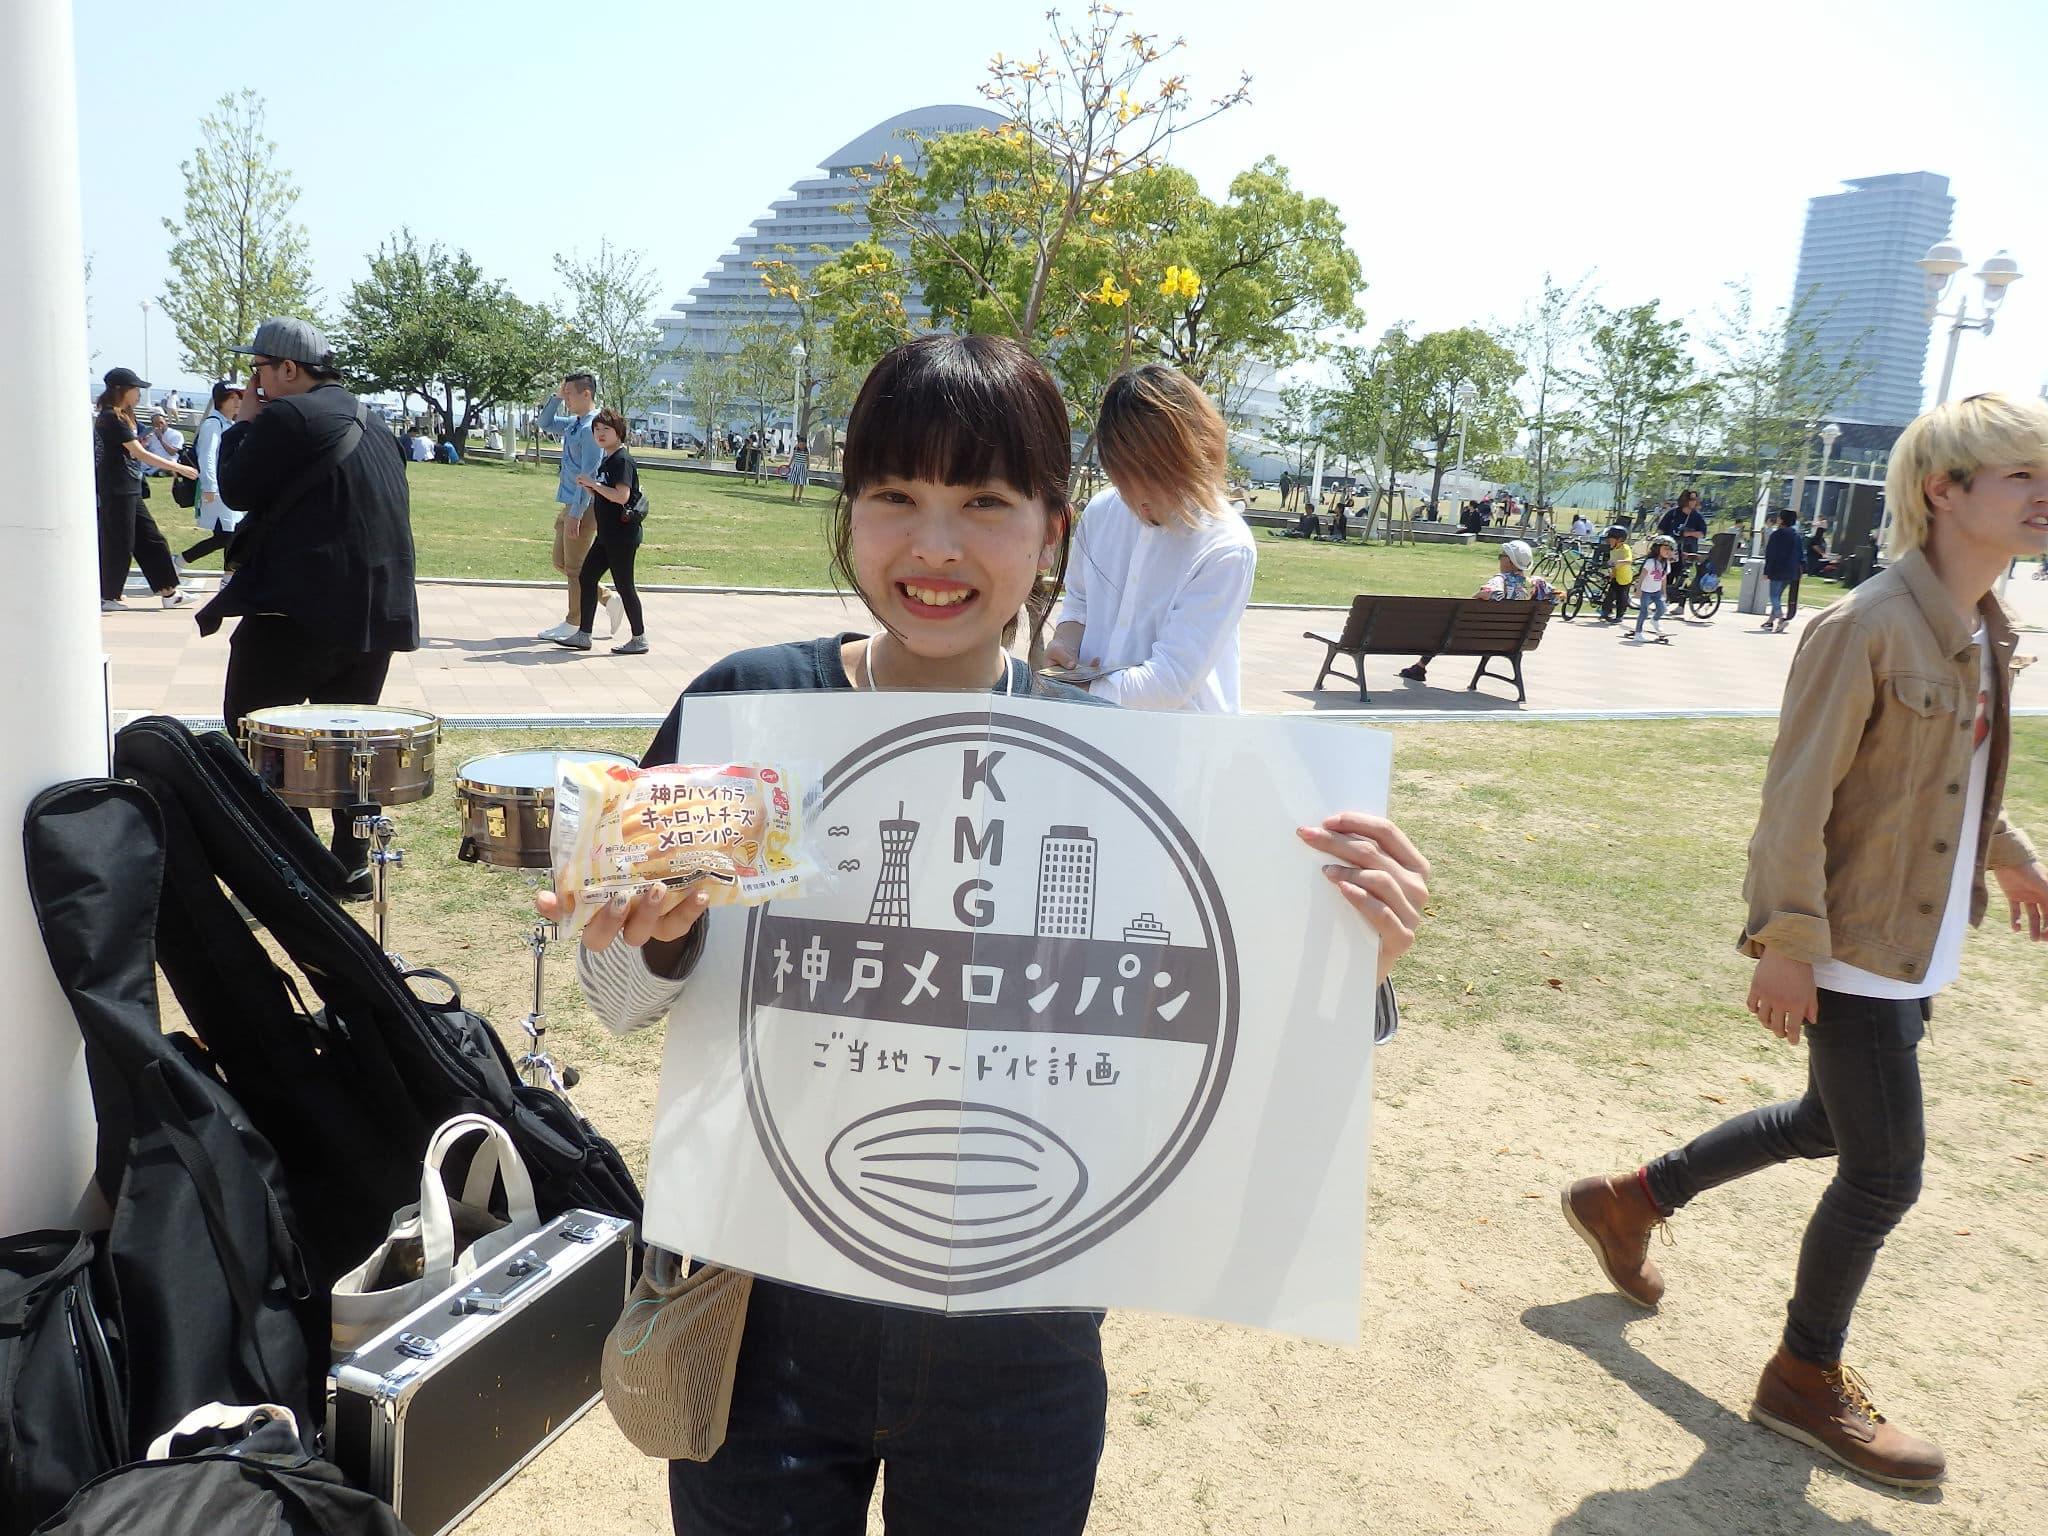 078kobe(KMG)小寺さん (21).jpg